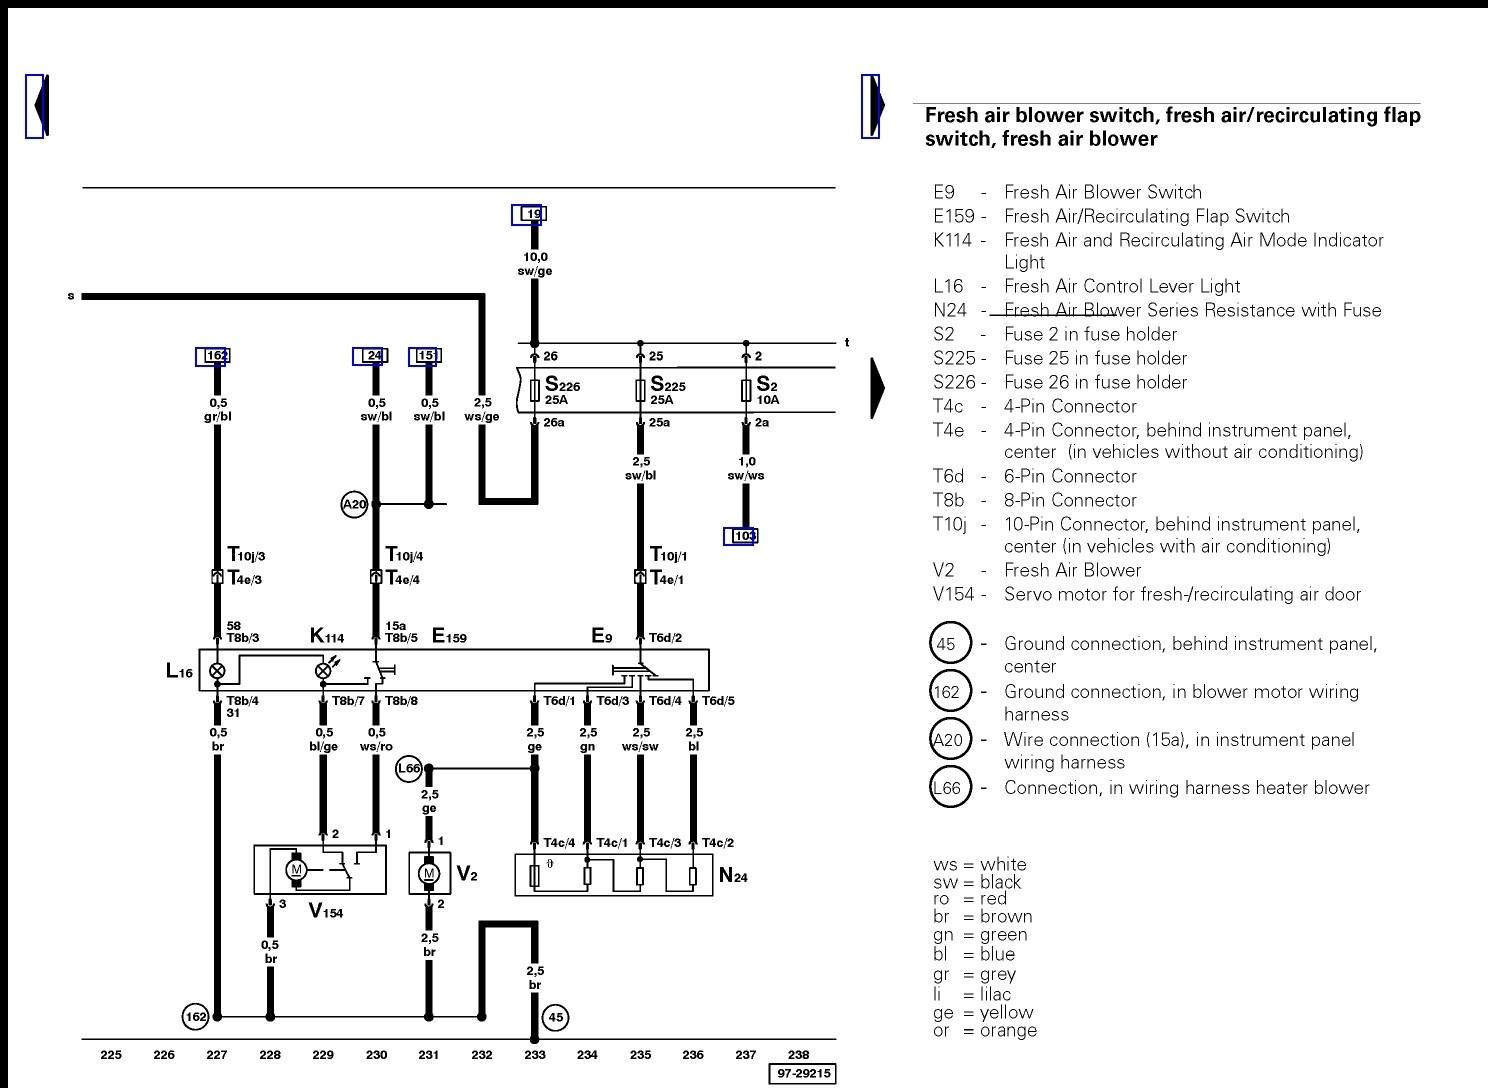 EO_5114] 2000 Vw Jetta Automatic Transmission Wiring Diagram Free Picture  Download Diagram | Wiring Diagram For 2000 Volkswagen Jetta |  | Birdem Aidew Illuminateatx Librar Wiring 101